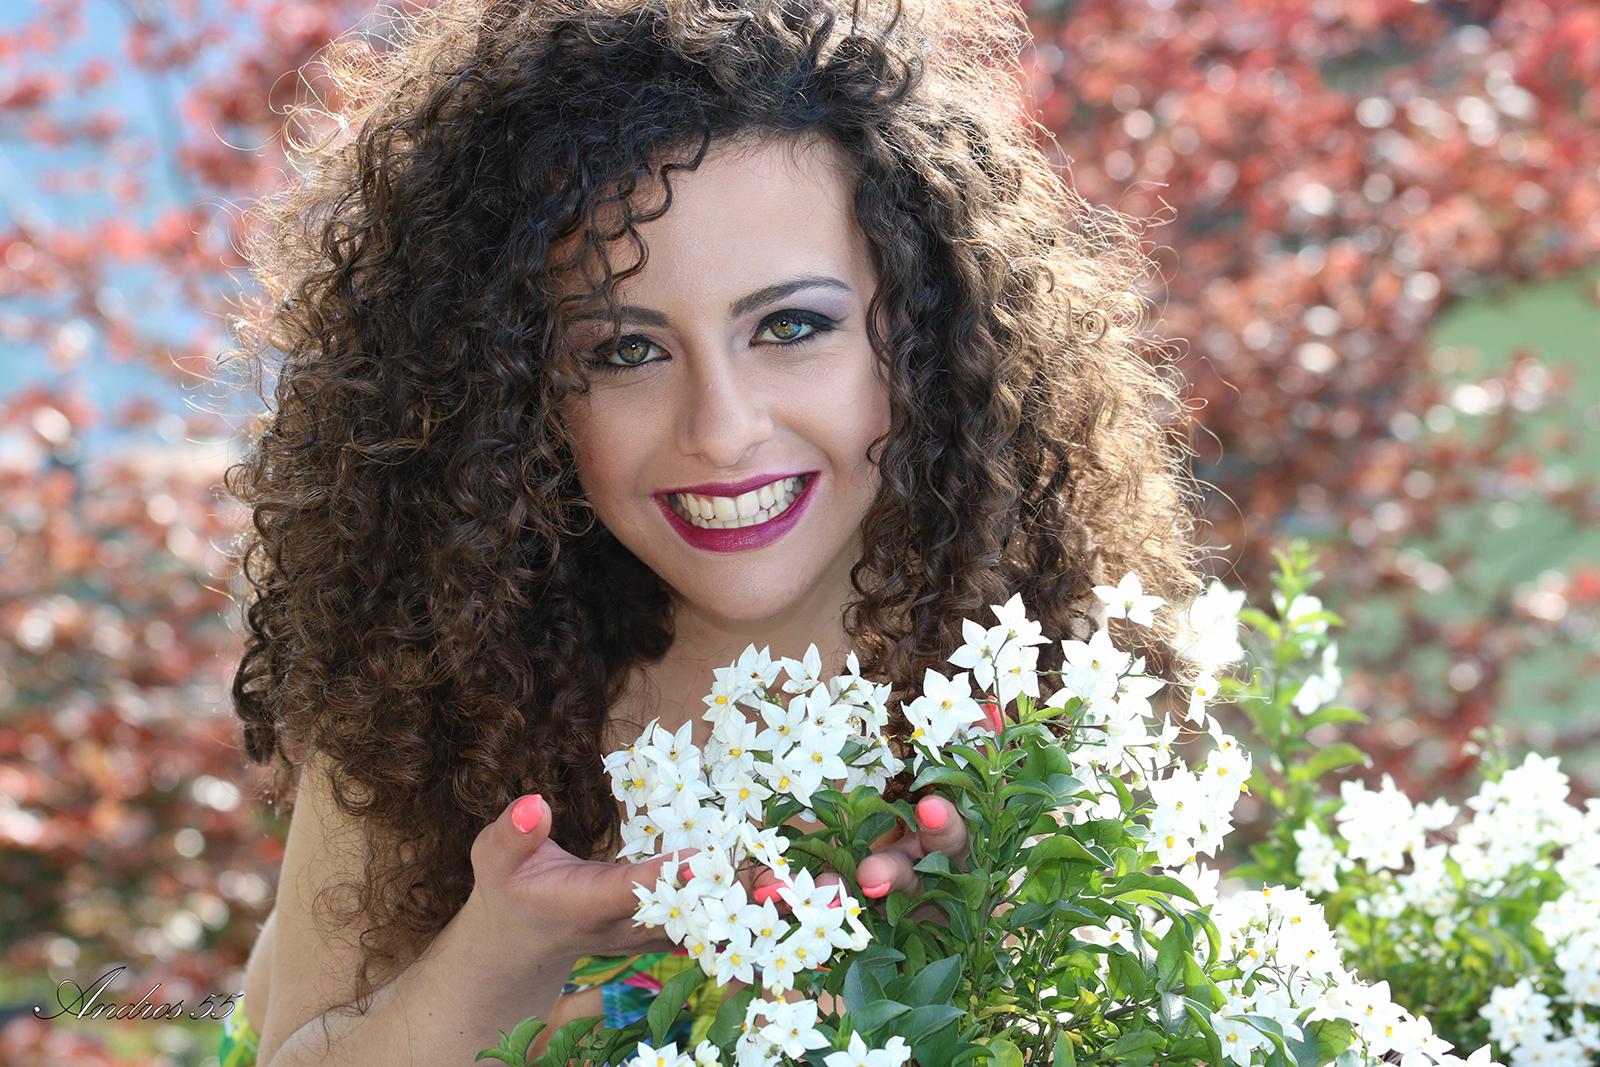 Miss Primavera...